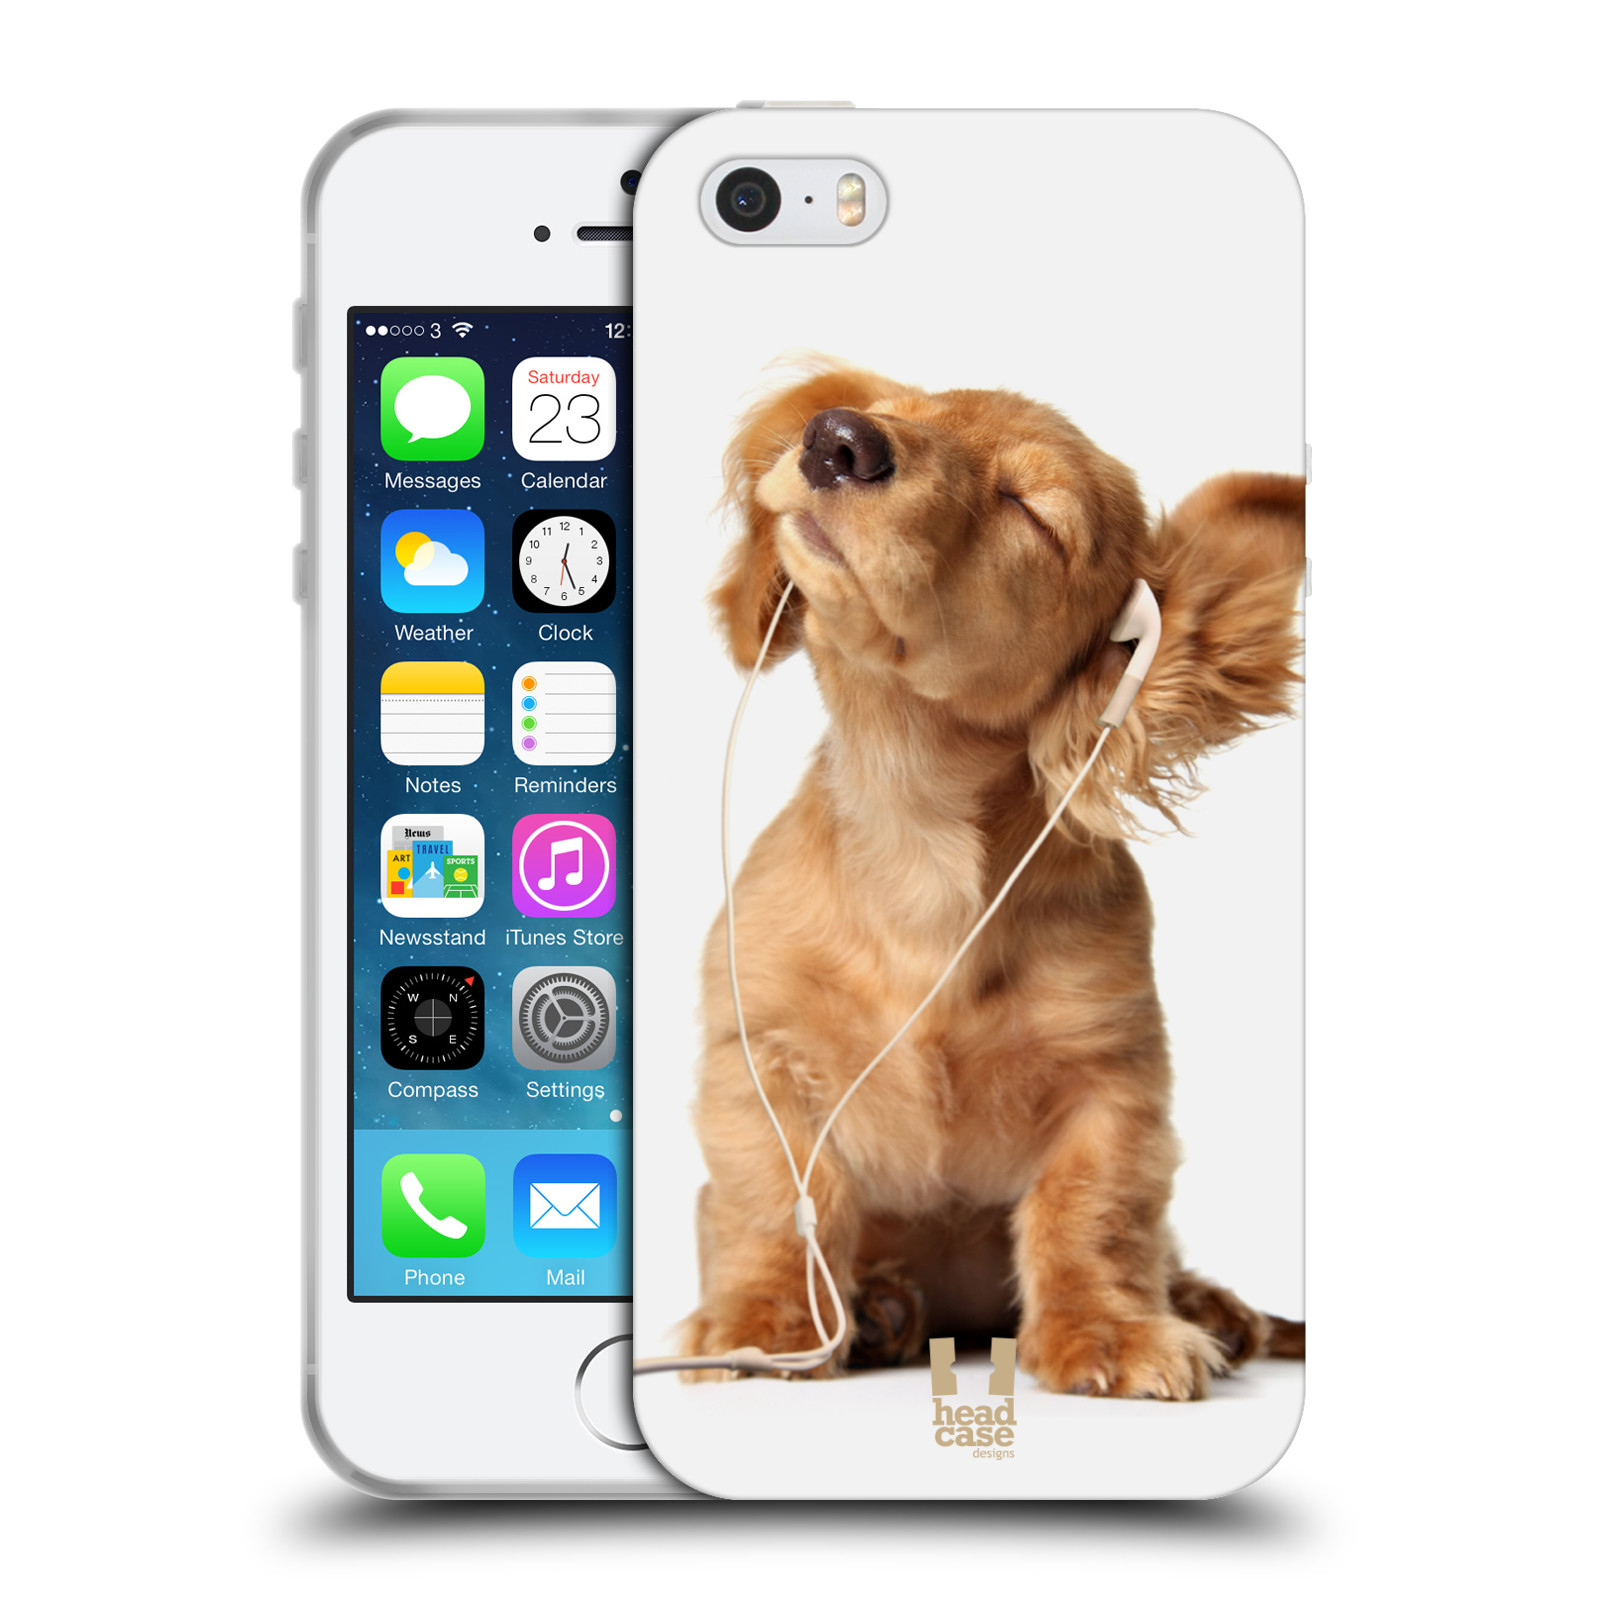 HEAD CASE silikonový obal na mobil Apple Iphone 5/5S vzor Legrační zvířátka roztomilé štěňátko se sluchátky MUSIC